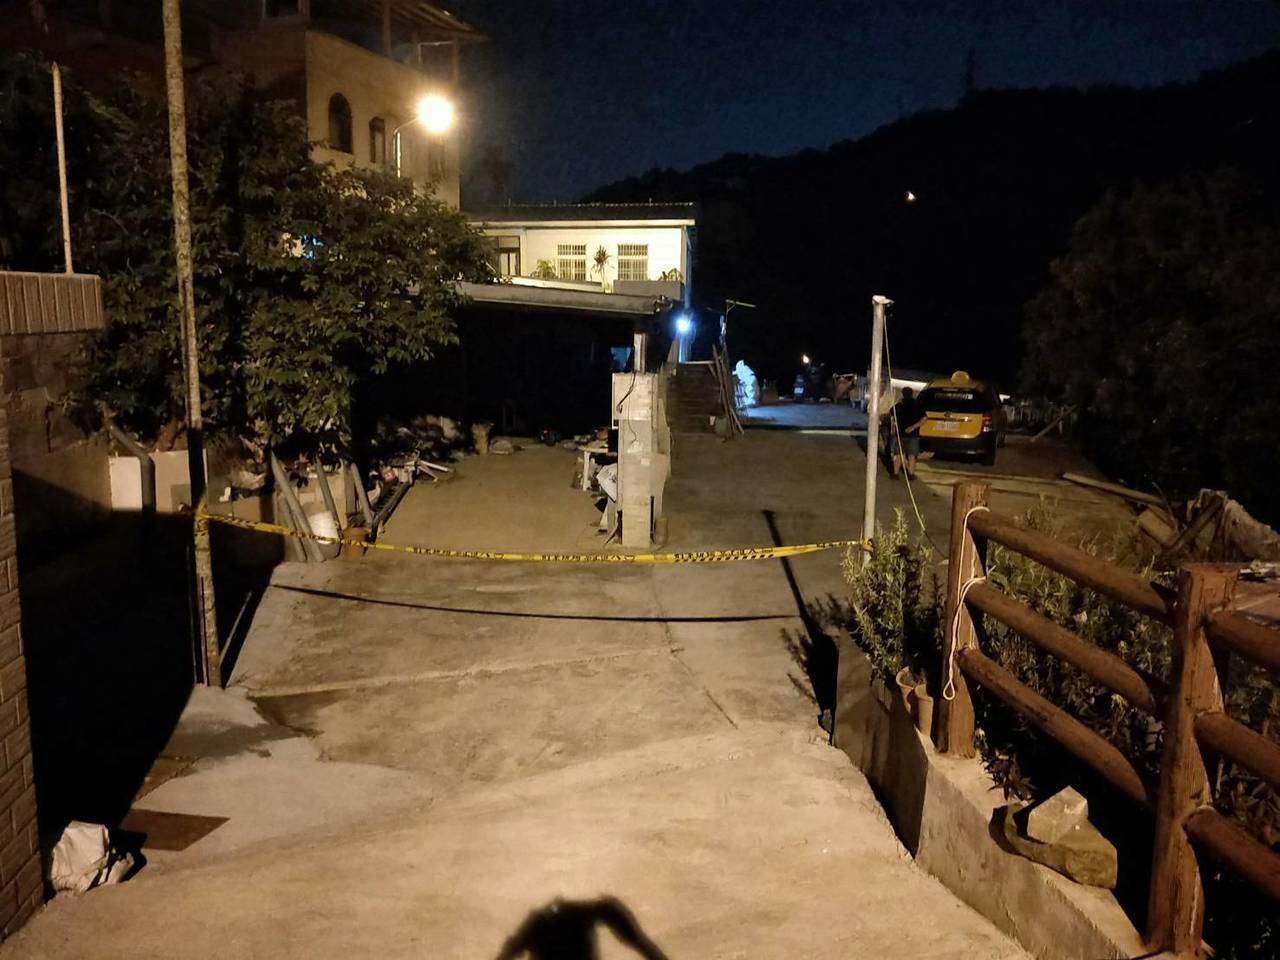 新店晚間傳出2名男子燒炭輕生,警方封鎖現場調查。 記者王長鼎/翻攝